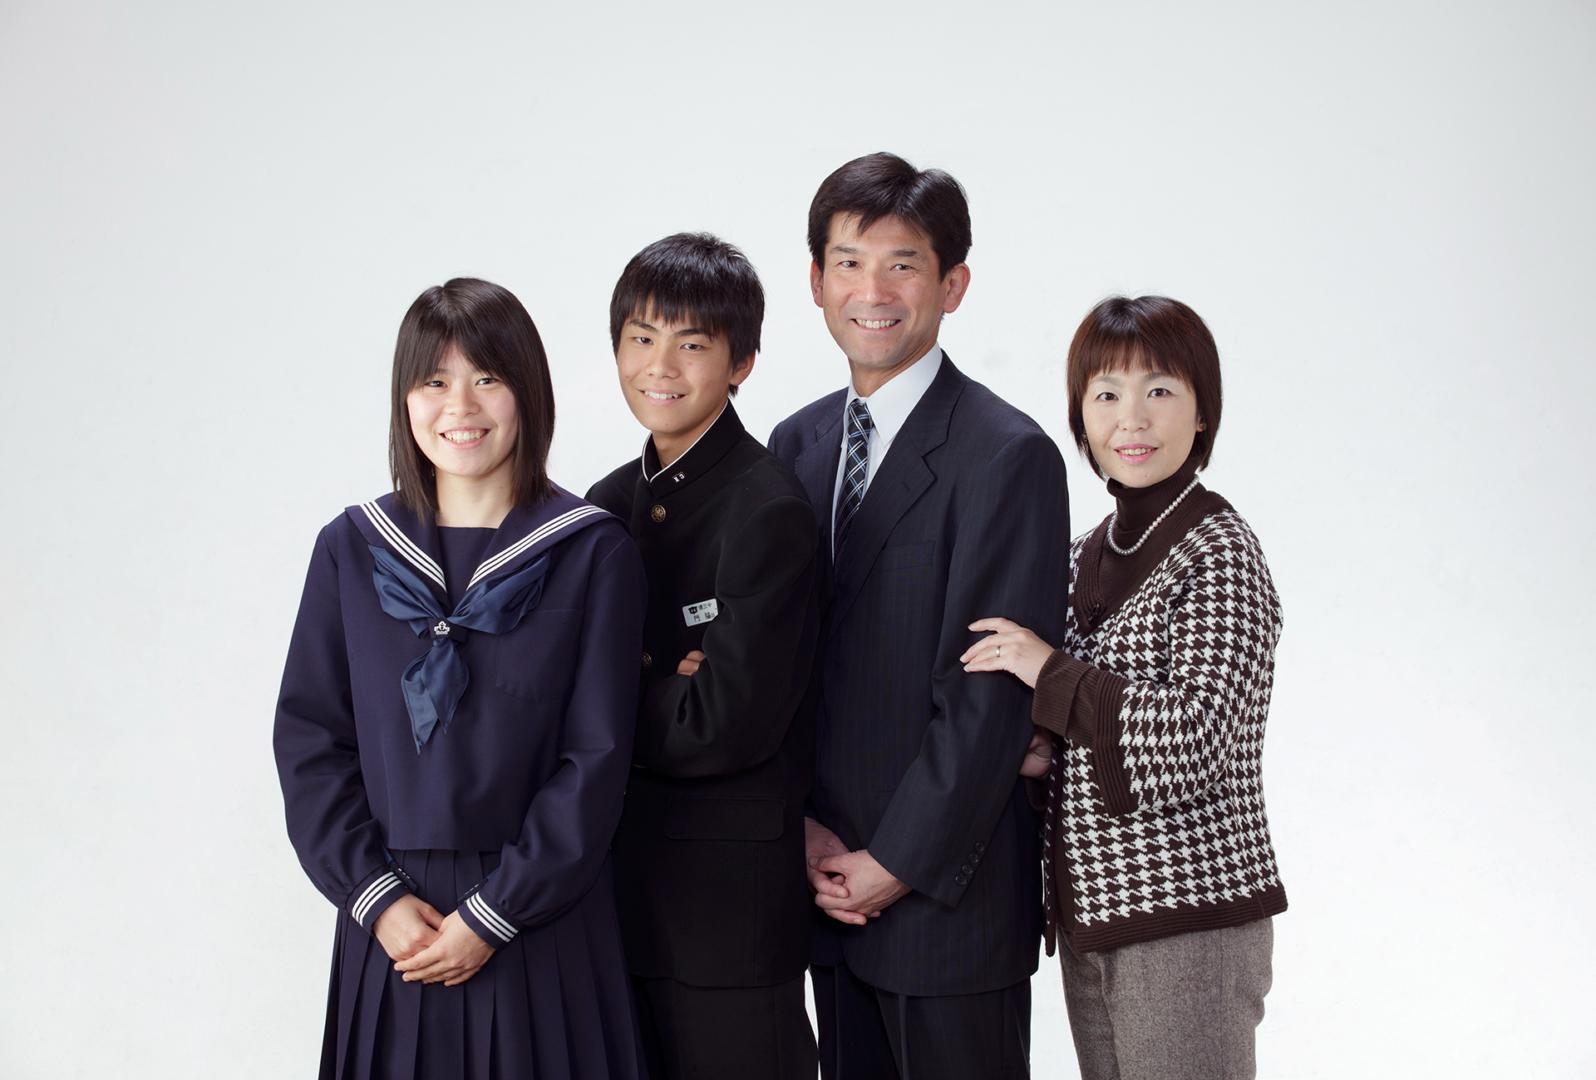 みなみフォトデザイン家族07